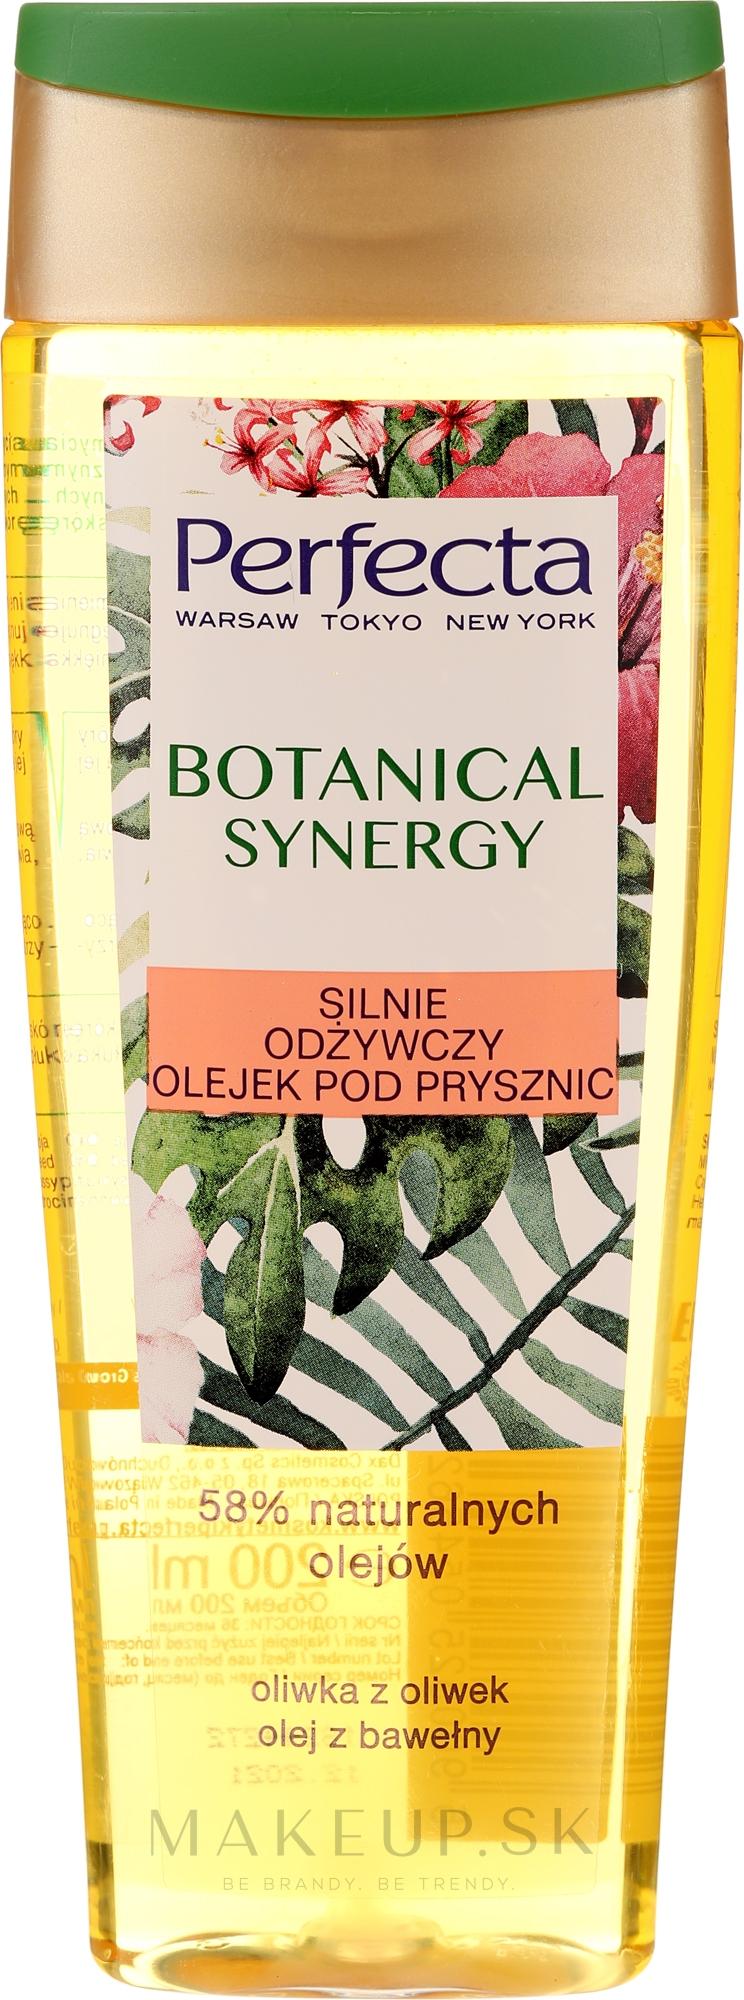 """Sprchový olej """"Olivový olej a bavlna"""" - Perfecta Botanical Synergy — Obrázky 200 ml"""